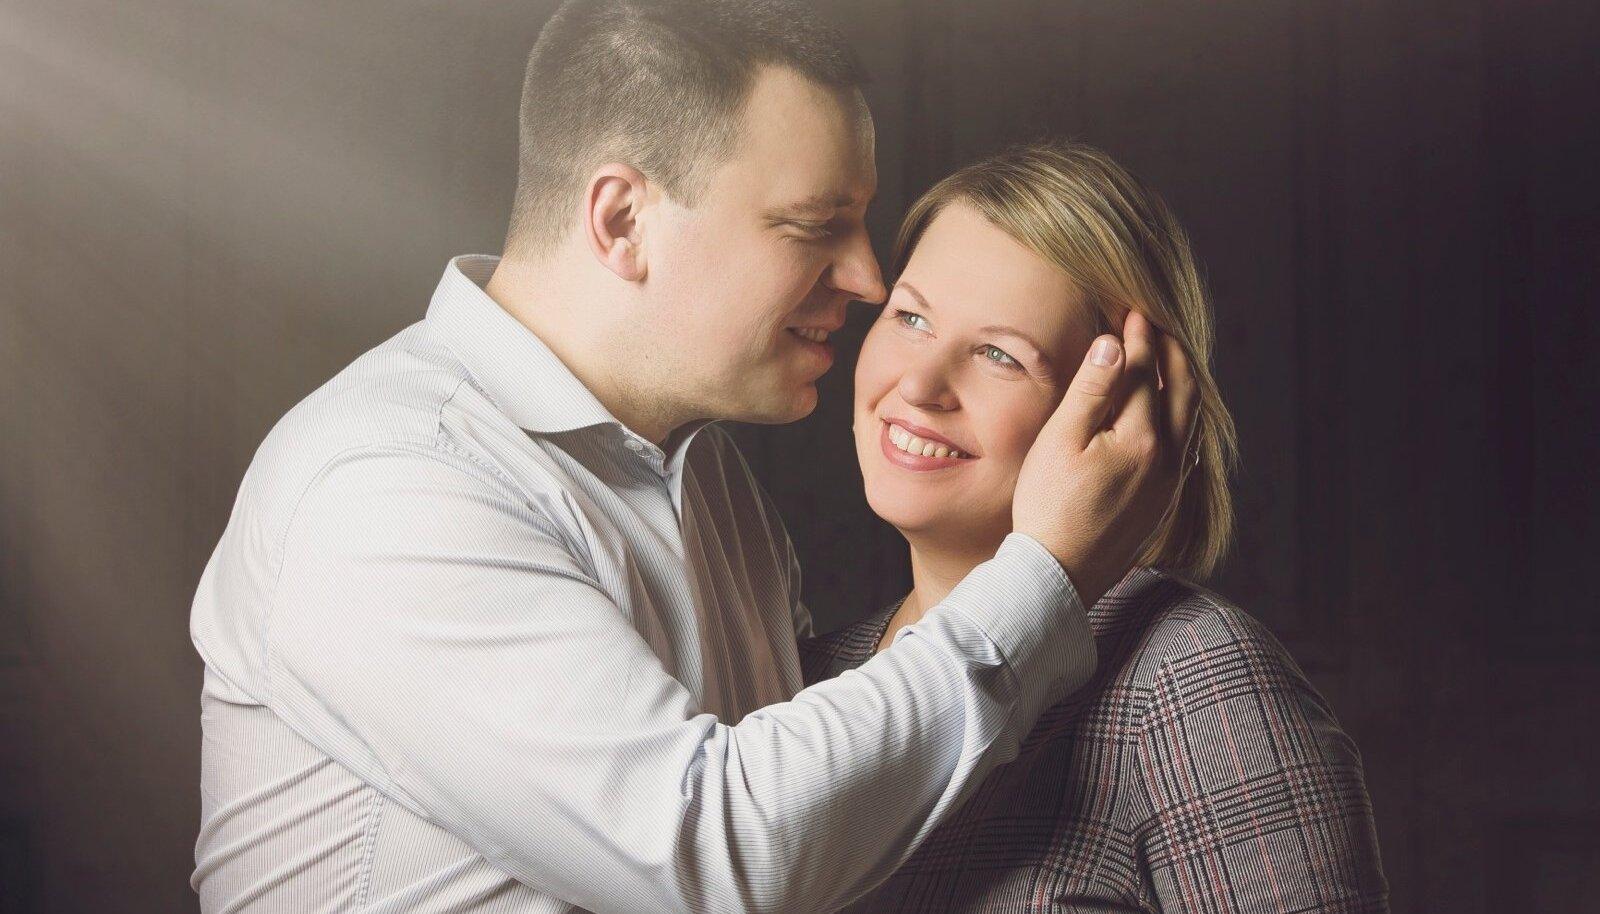 KUIGI KEERULISI HETKI tuleb pingete tõttu ette ka Rataste abielus, räägitakse mured ära.